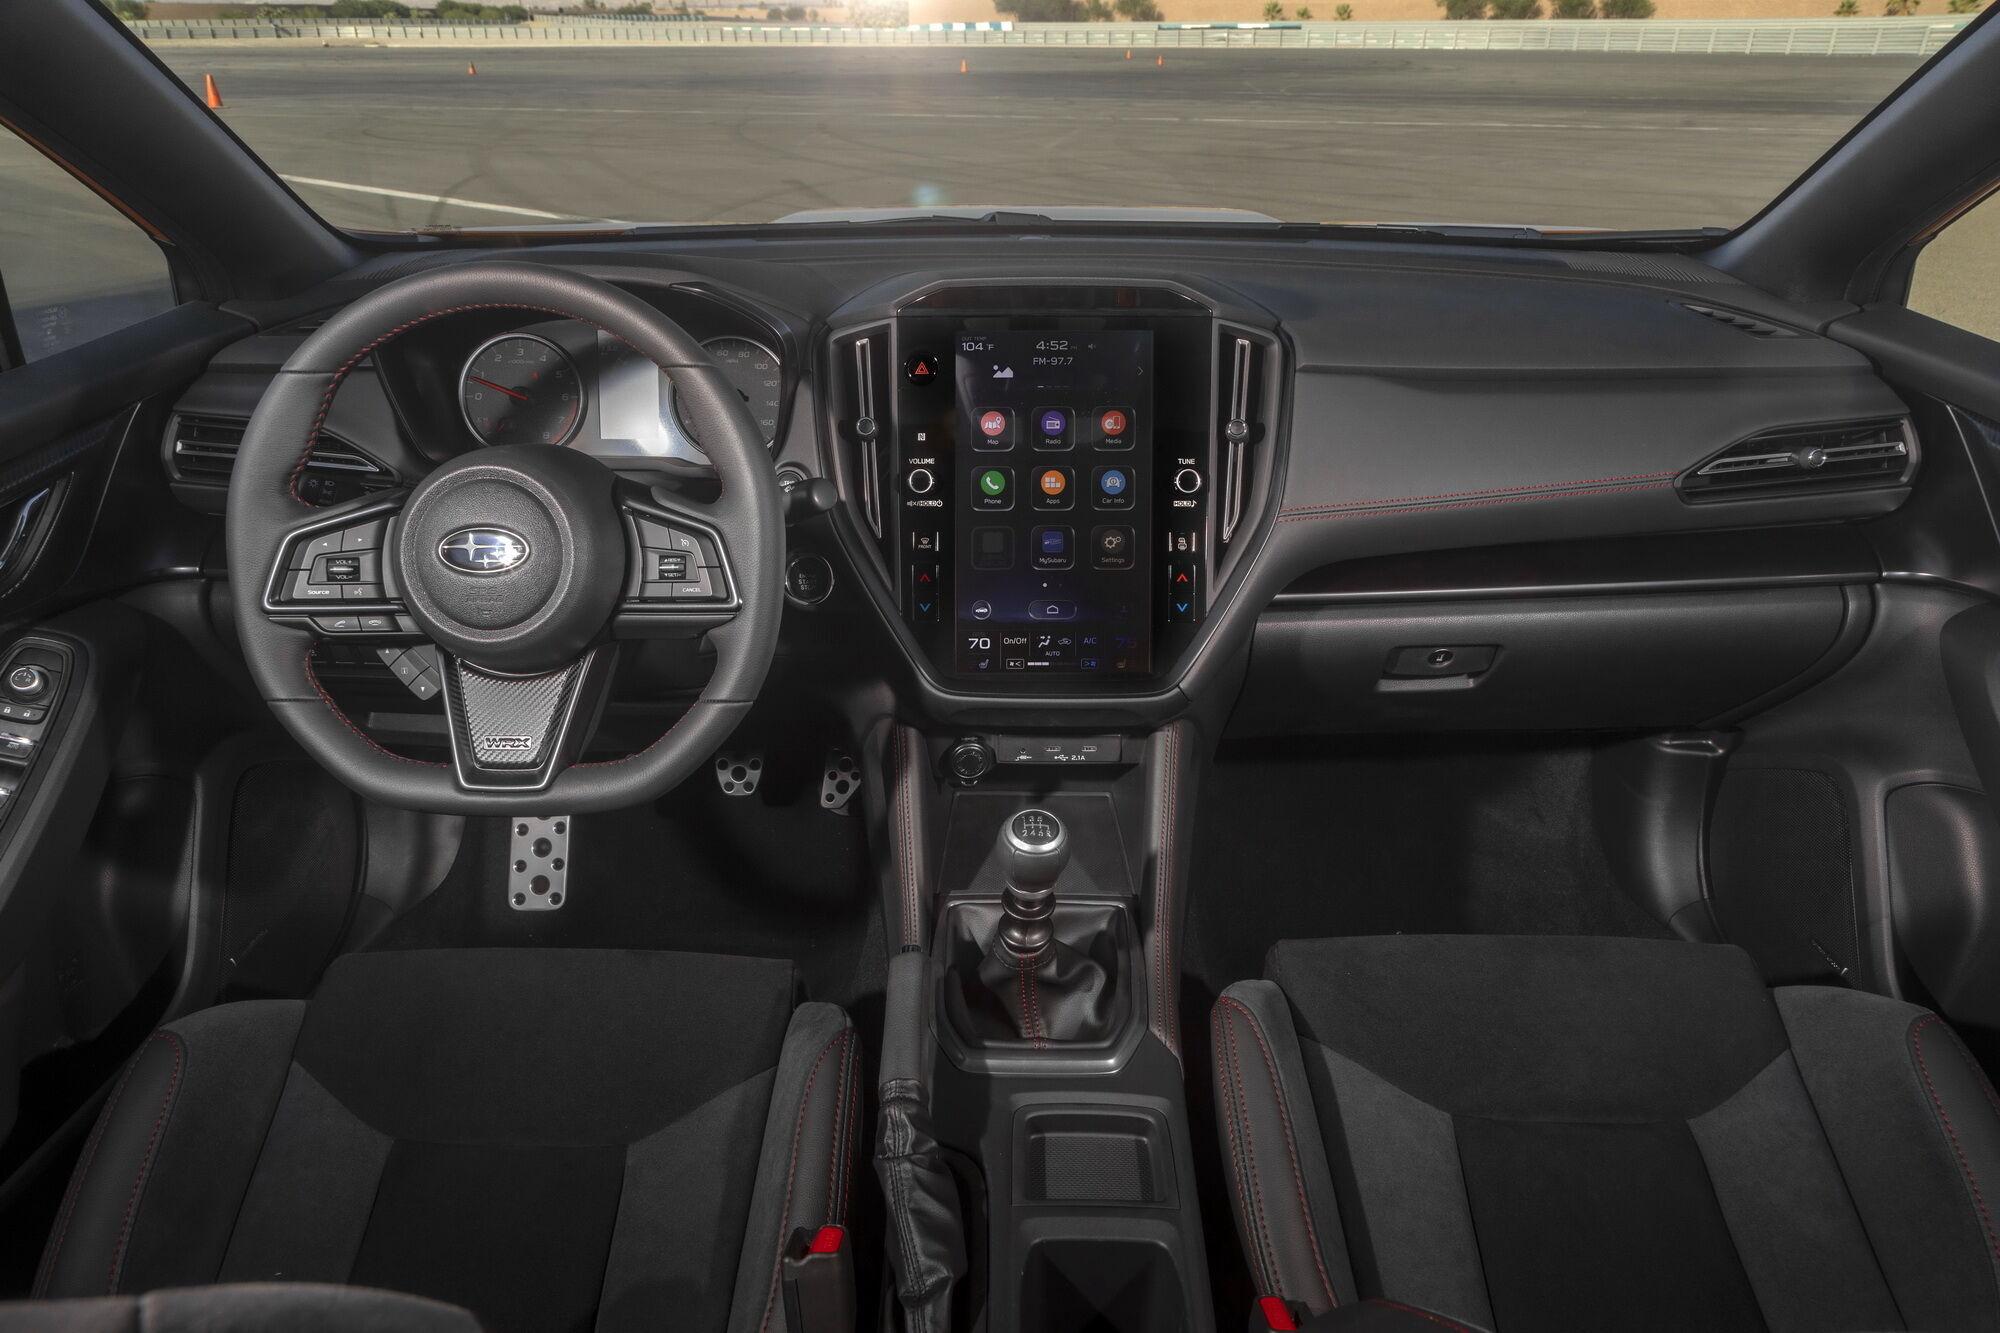 У салоні з`явилась нова мультимедійна система Subaru Starlink з 11,6-дюймовим сенсорним дисплеєм